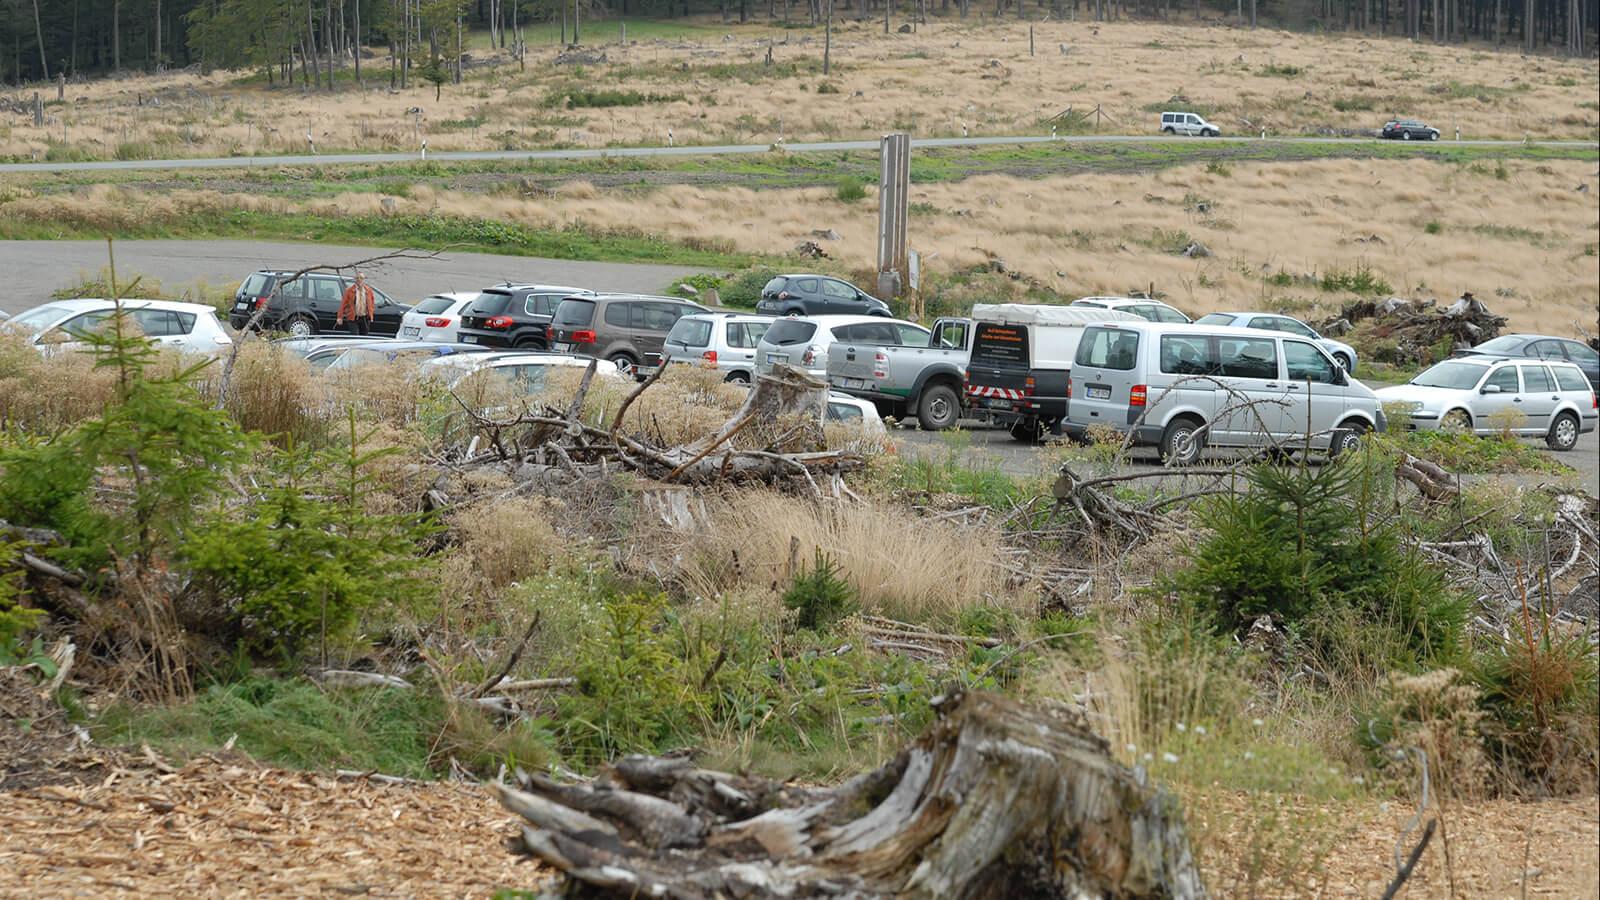 Der Parkplatz der Wisent-Wildnis wird teilweise als Lagerplatz für Baumstämme genutzt